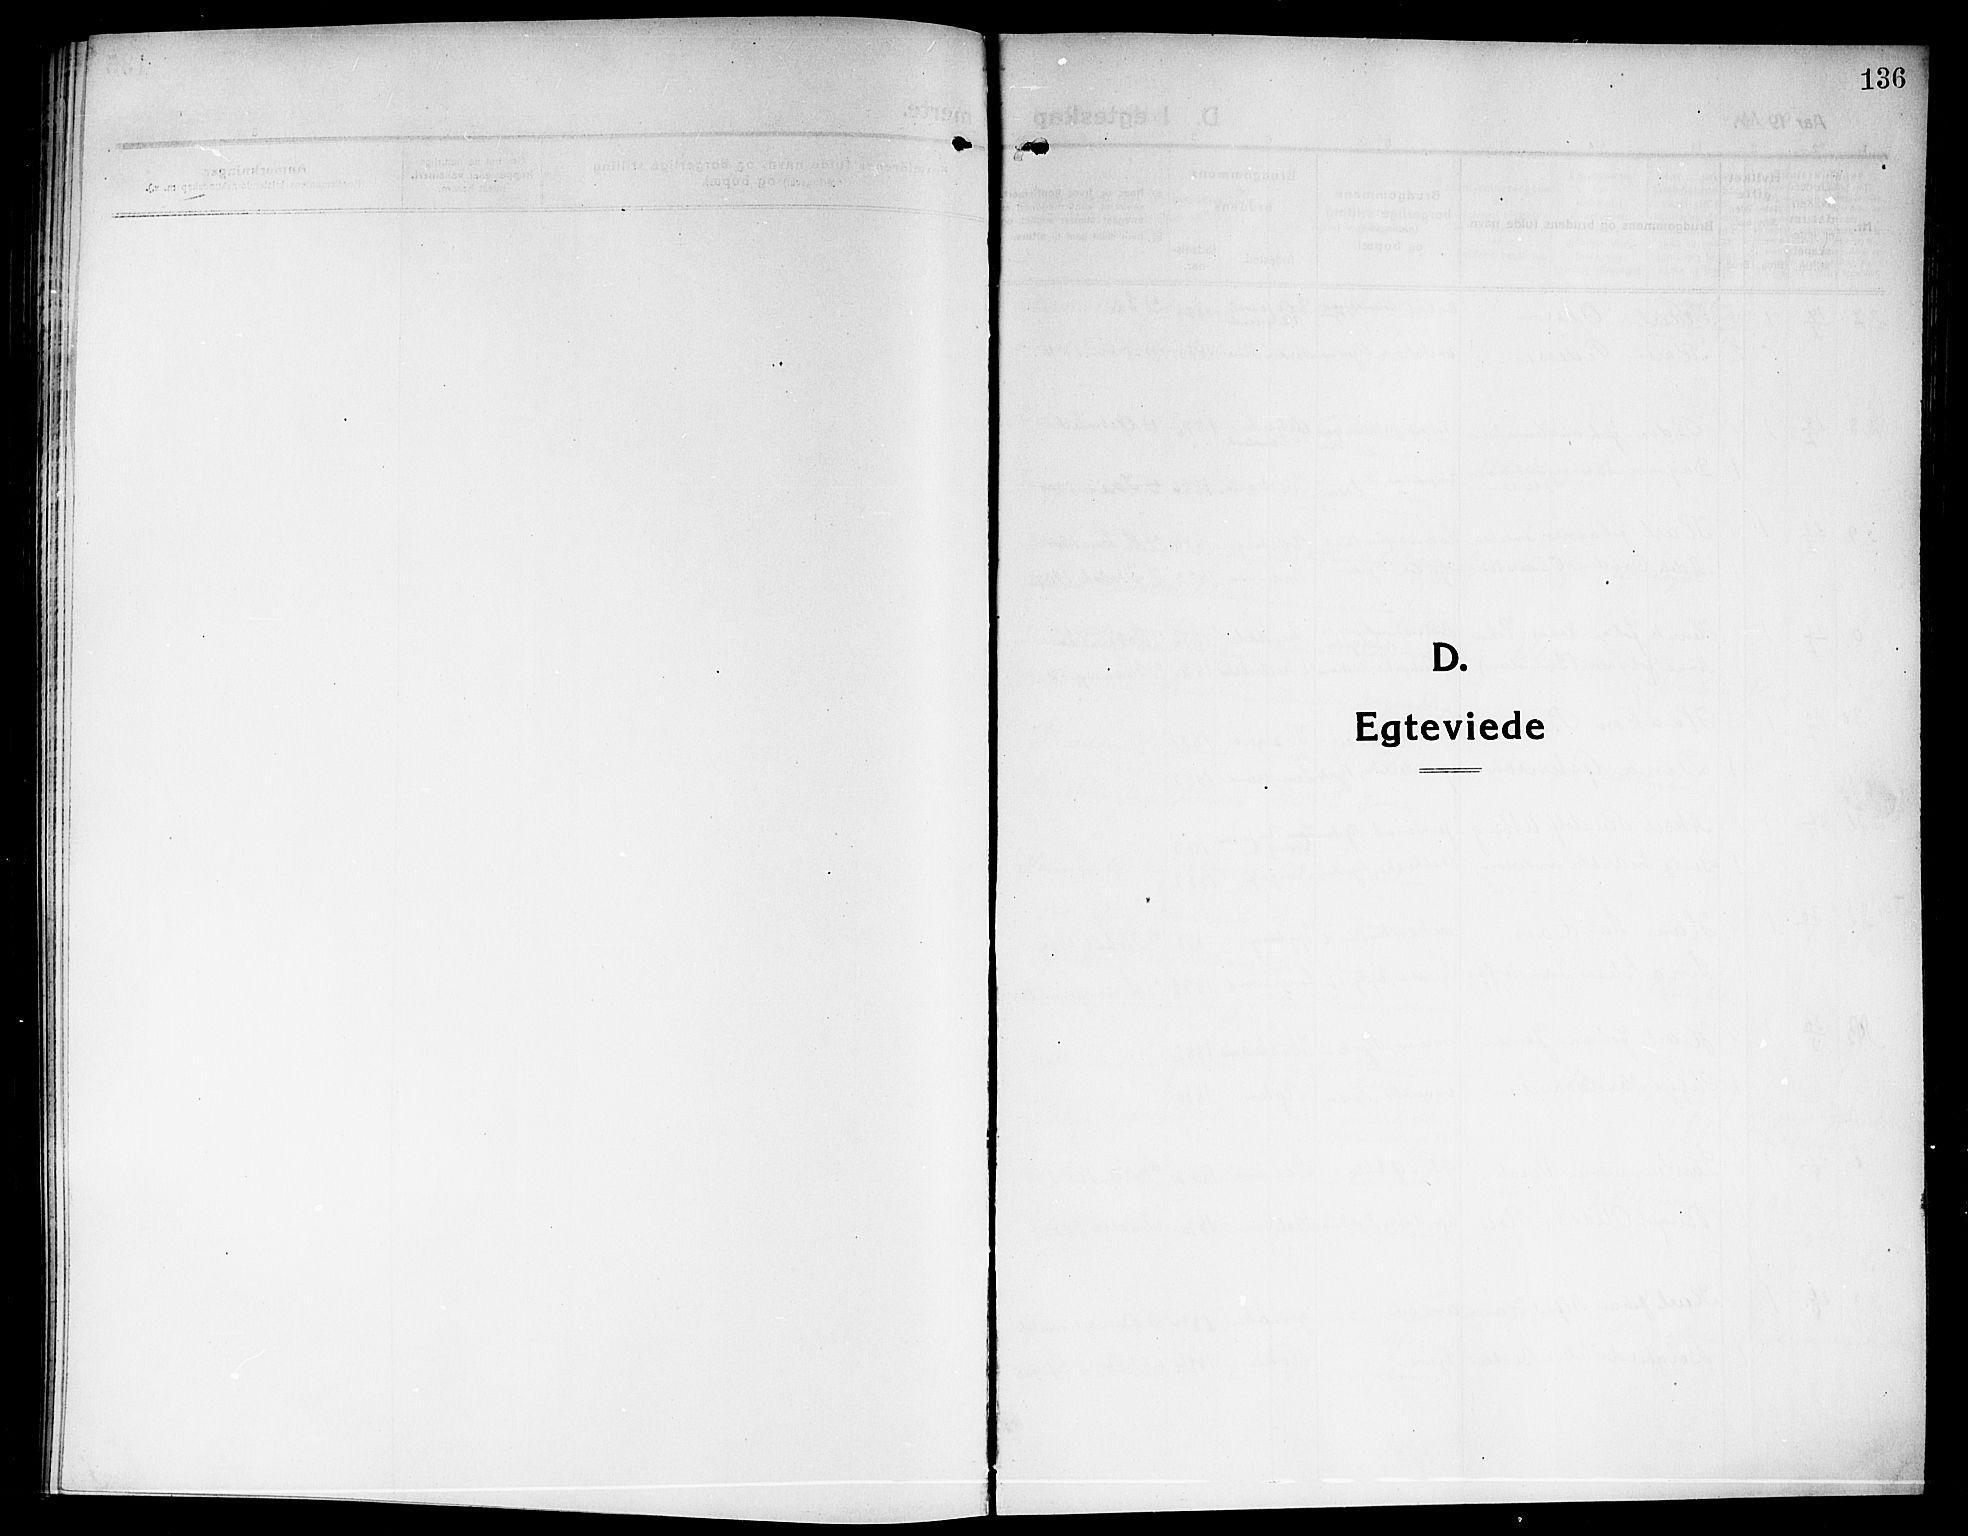 SAKO, Rjukan kirkebøker, G/Ga/L0002: Klokkerbok nr. 2, 1913-1920, s. 136